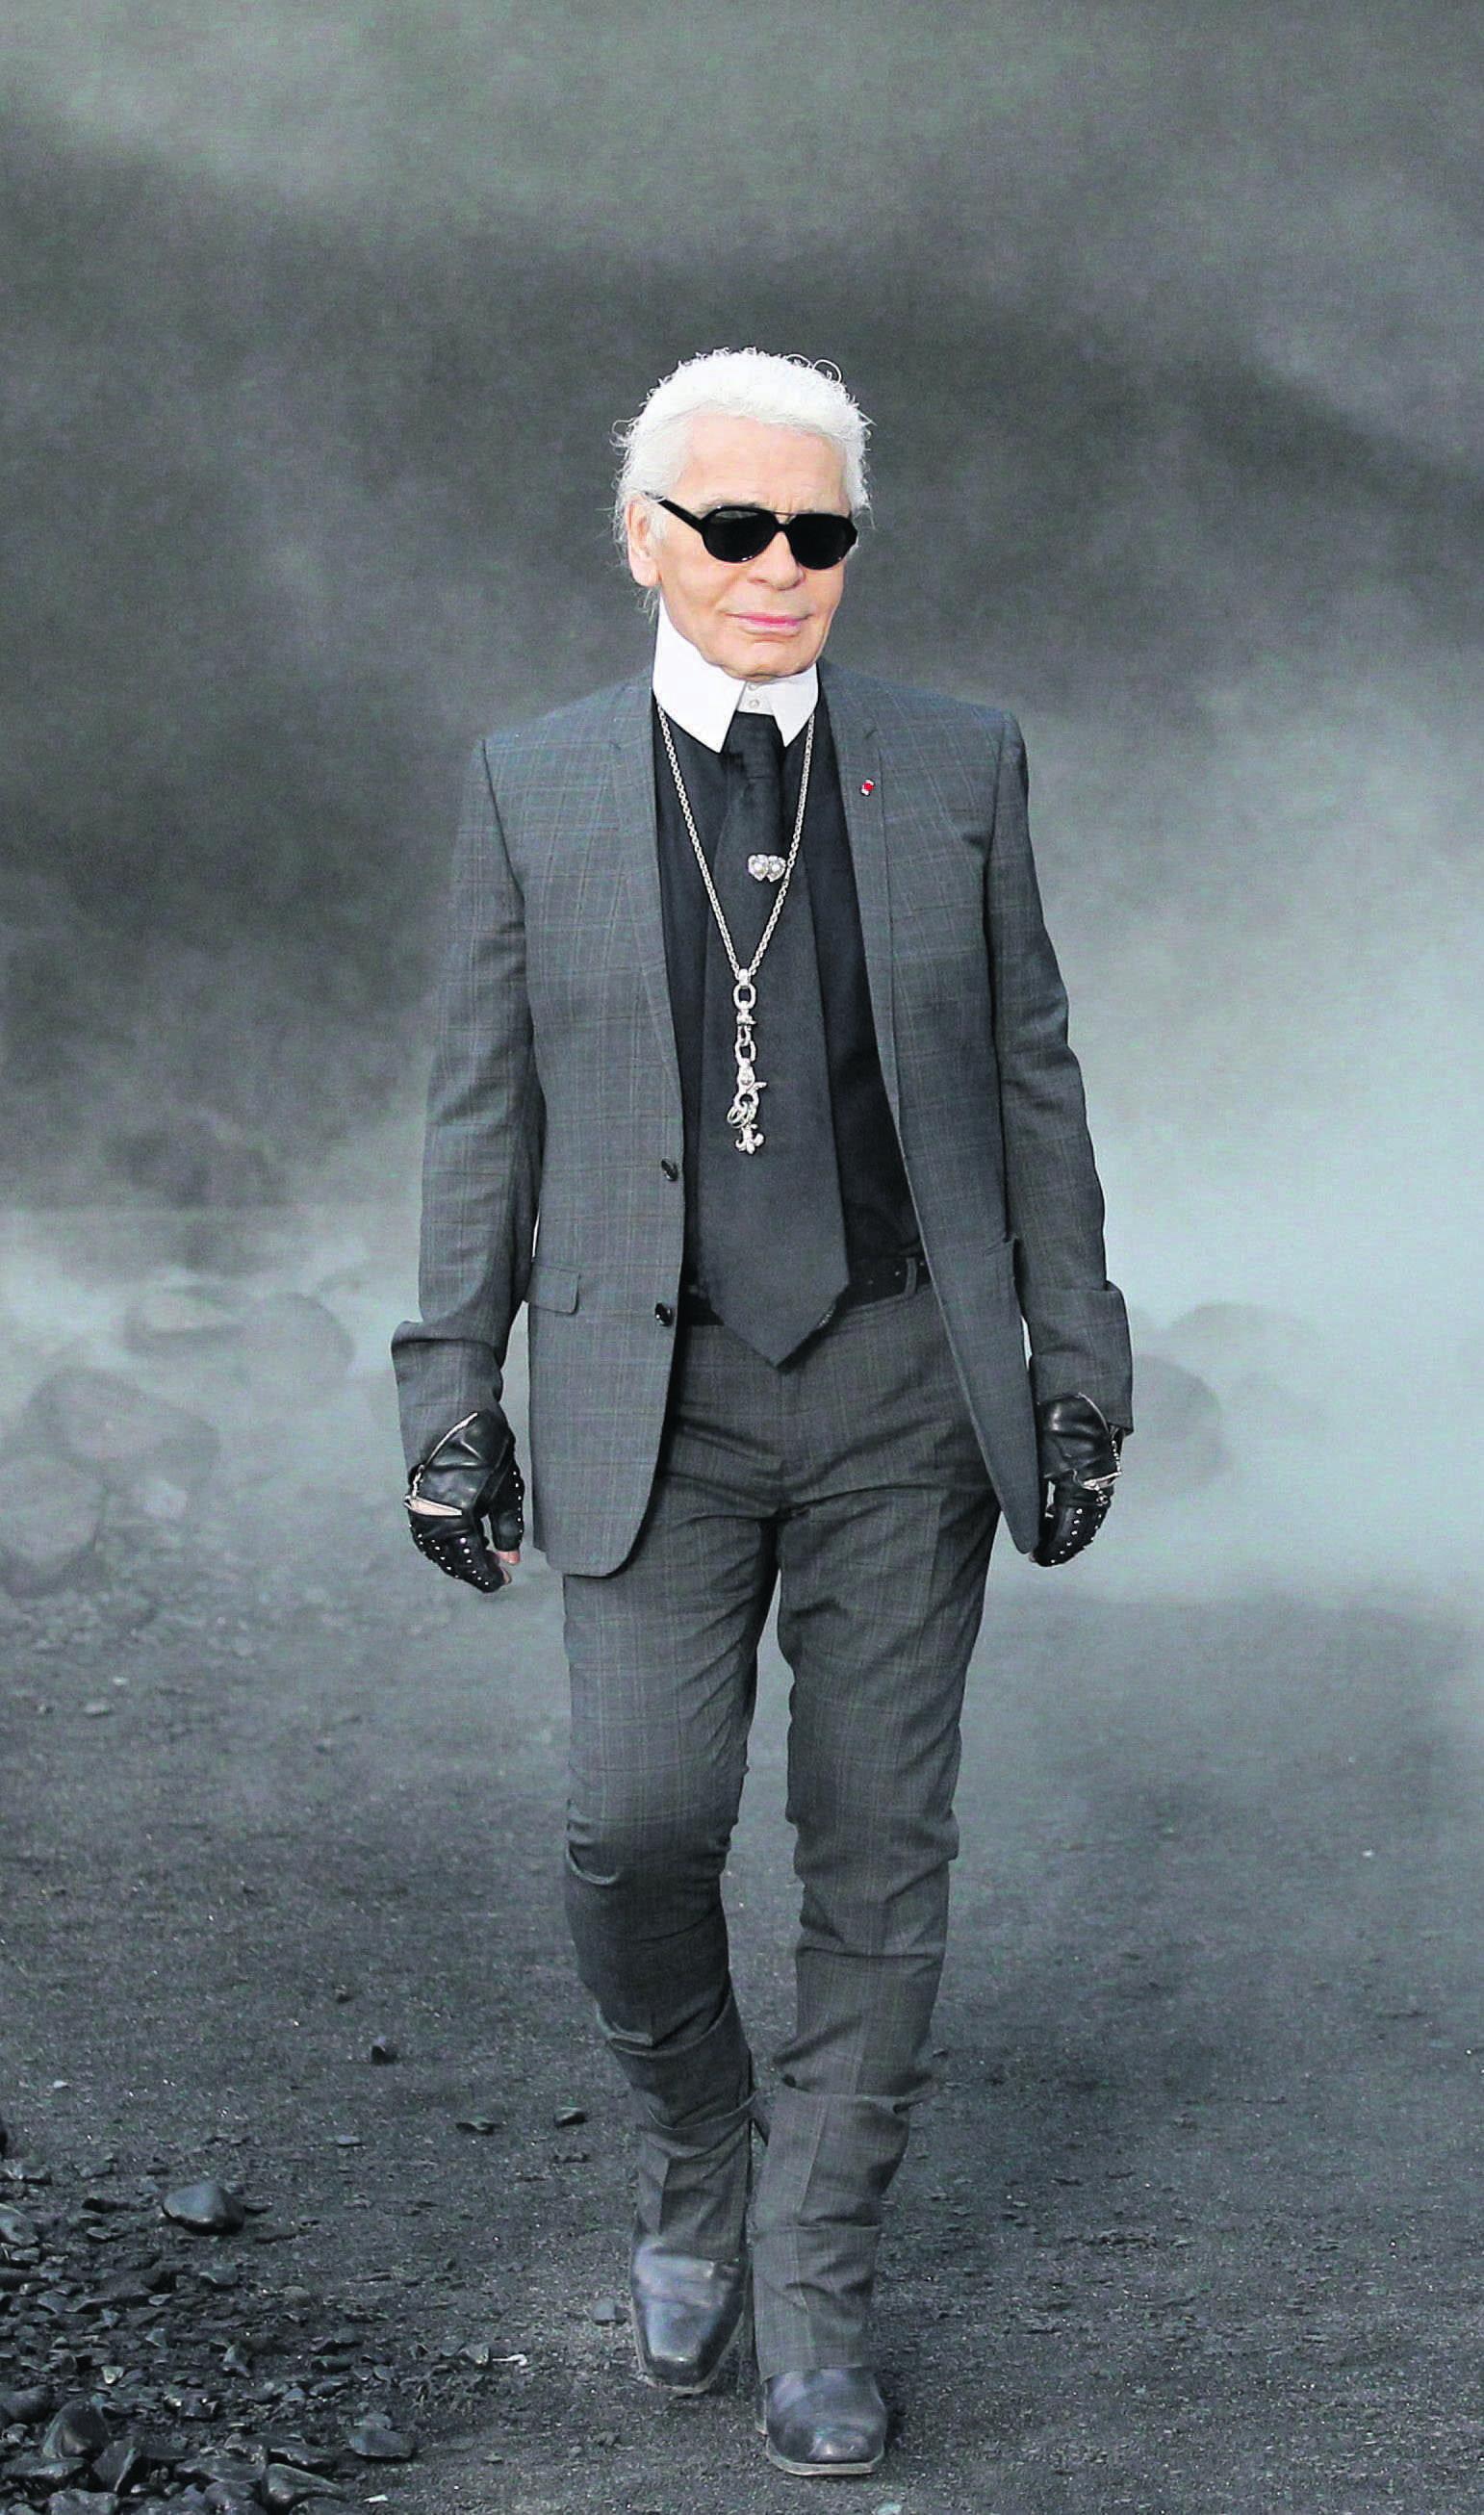 Épinglé par Laurette Slegers sur Karl Lagerfeld en 2020